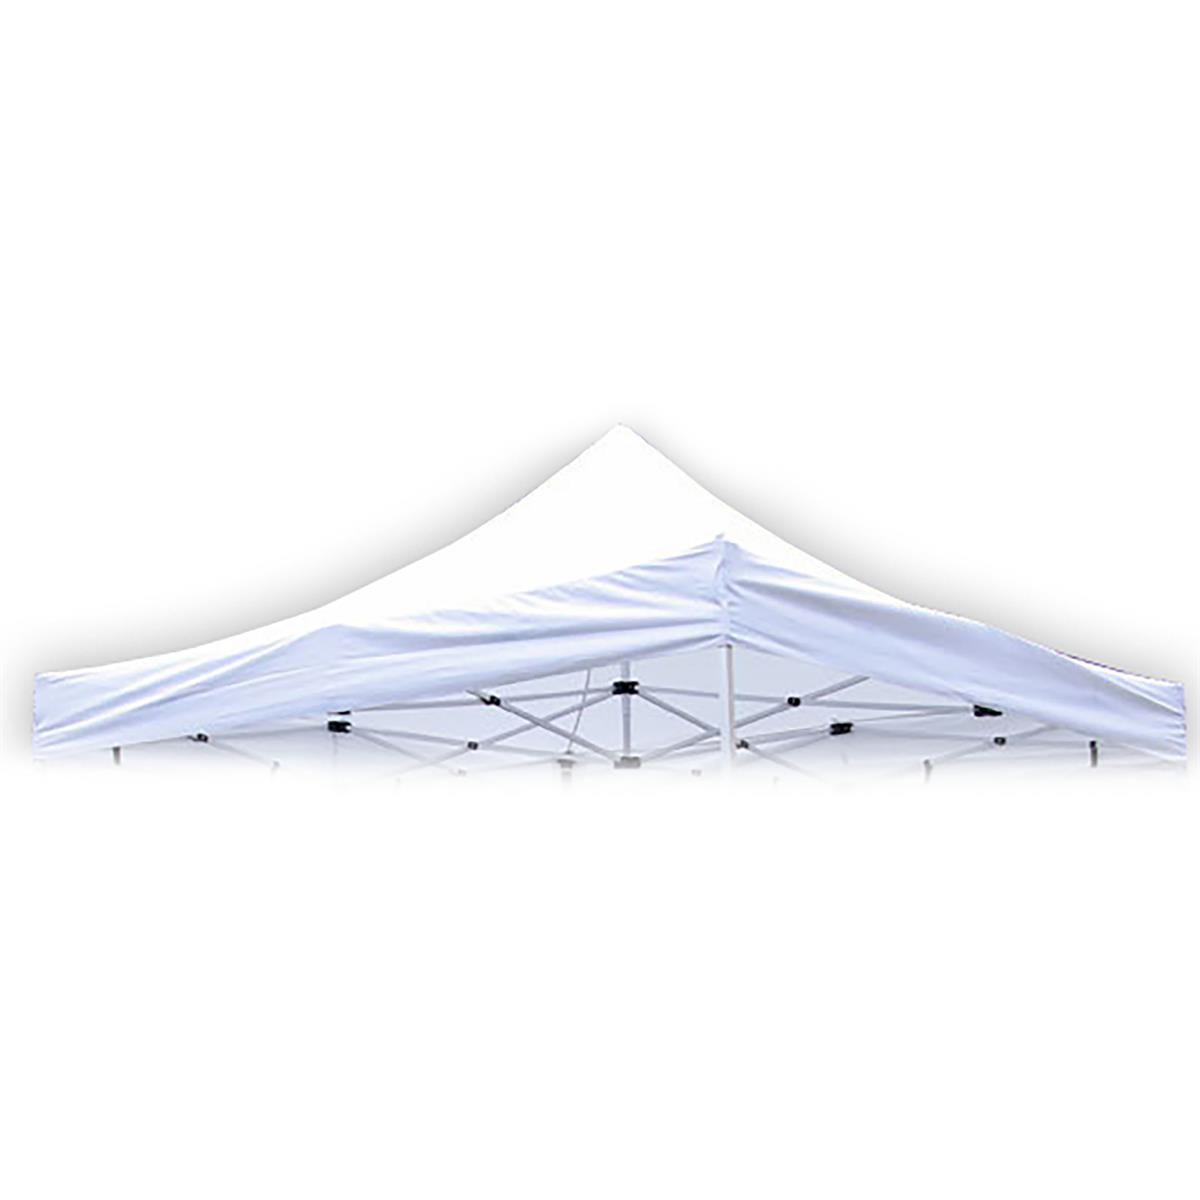 Ersatzdach für PROFI Falt Pavillon 3x3m weiß wasserdicht Dachplane Pavillondach